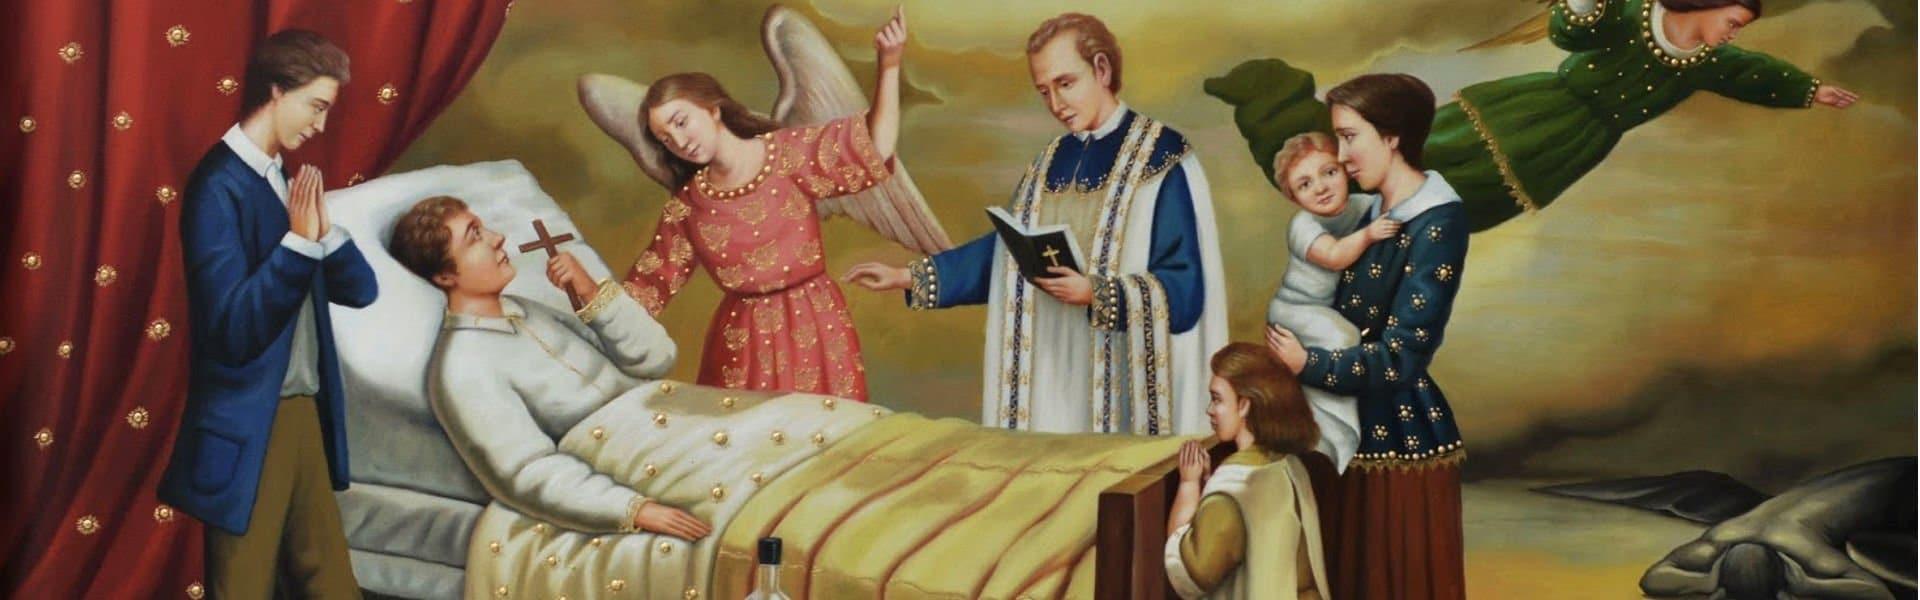 sacramen de unción sanación y penitencia